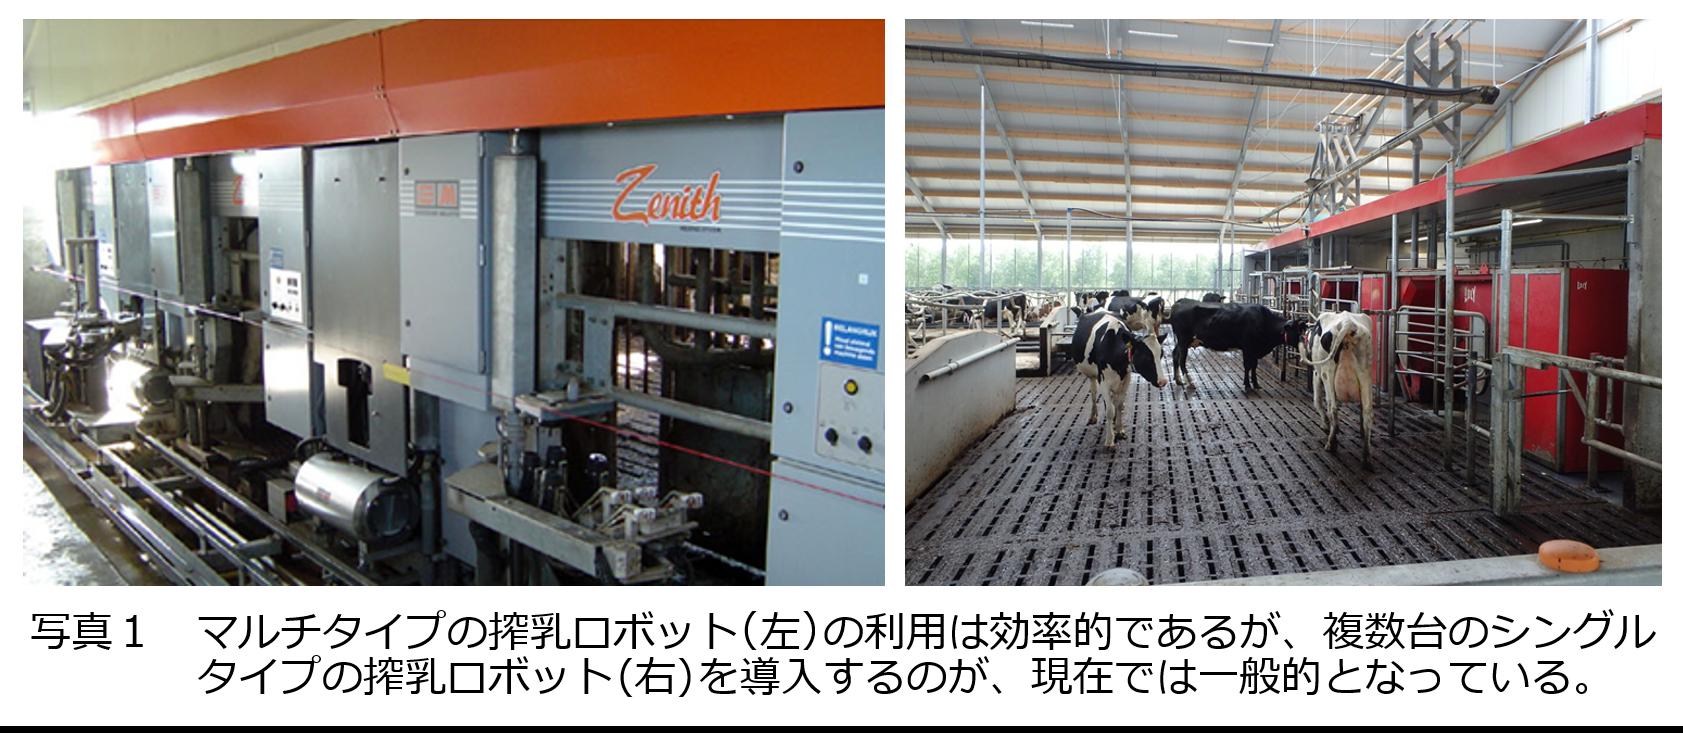 日本における搾乳ロボットの普及と地域による利用特性